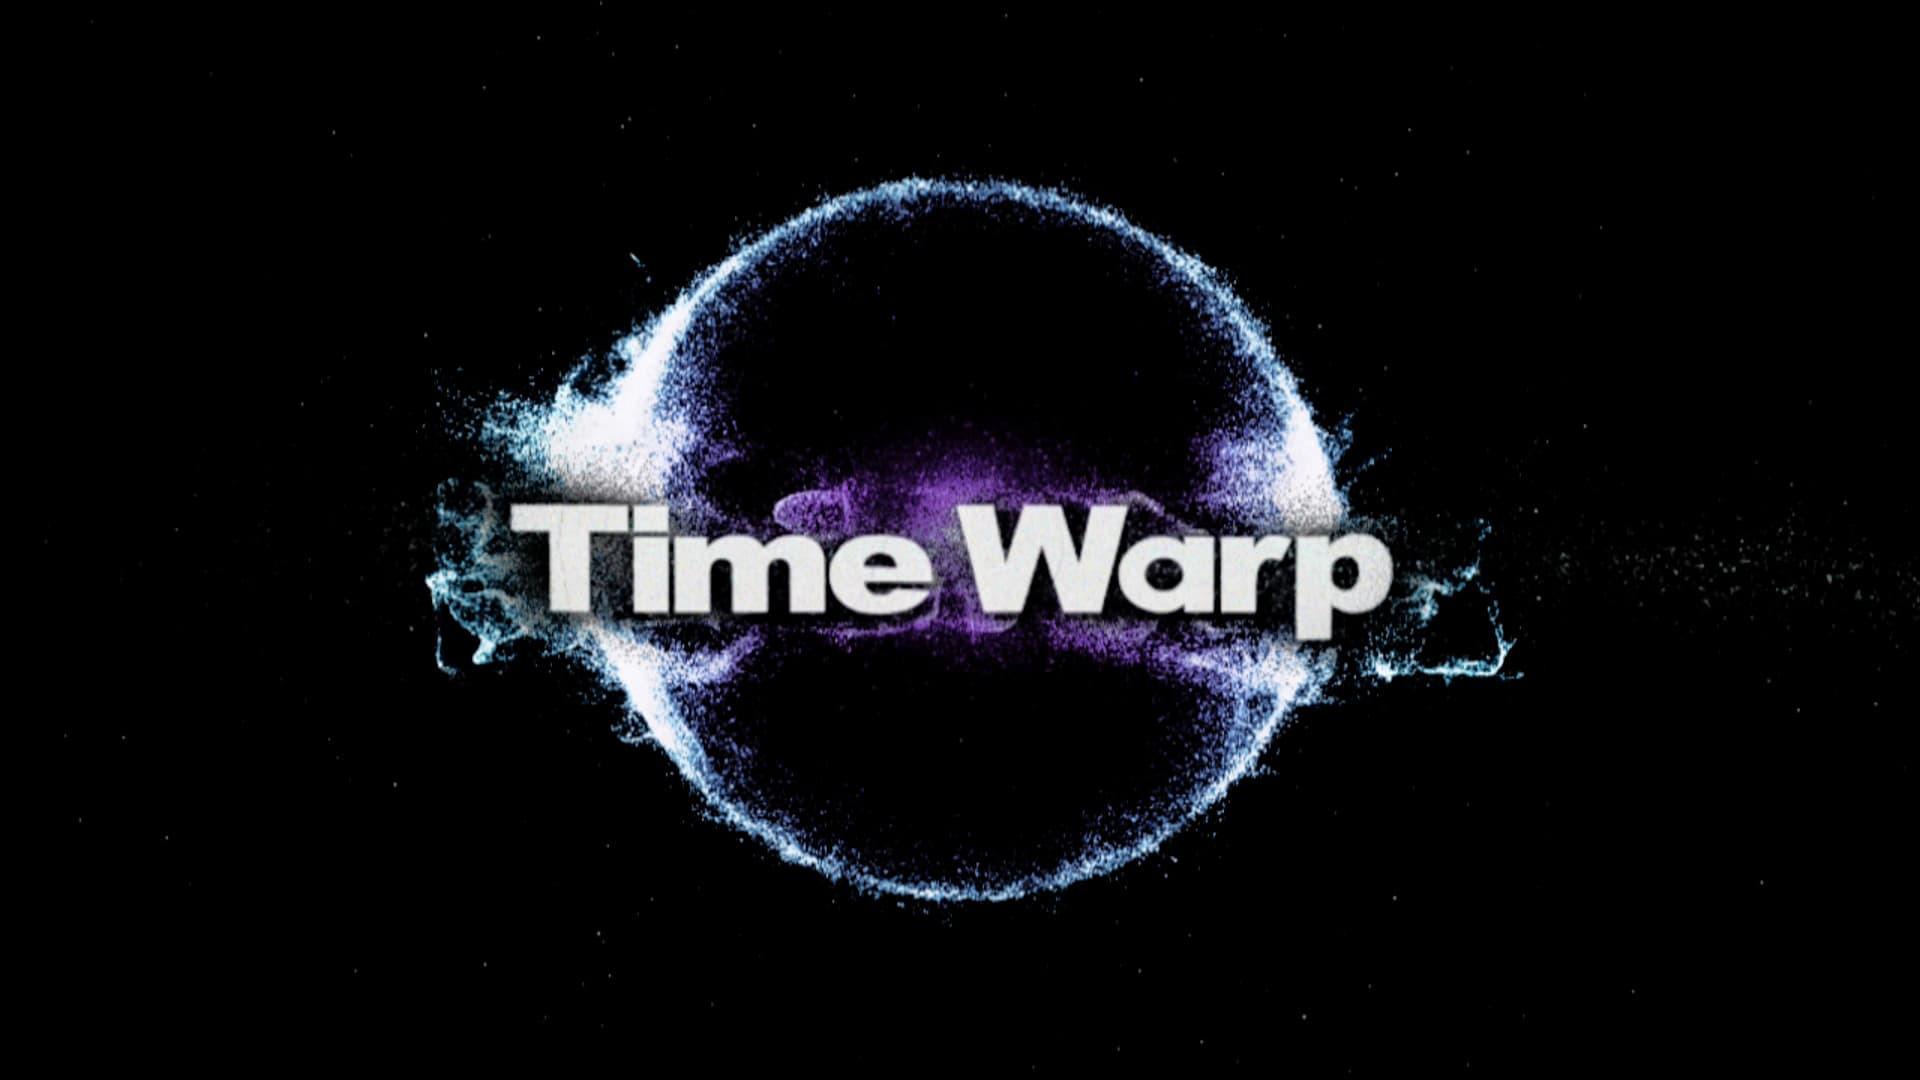 Show Time Warp